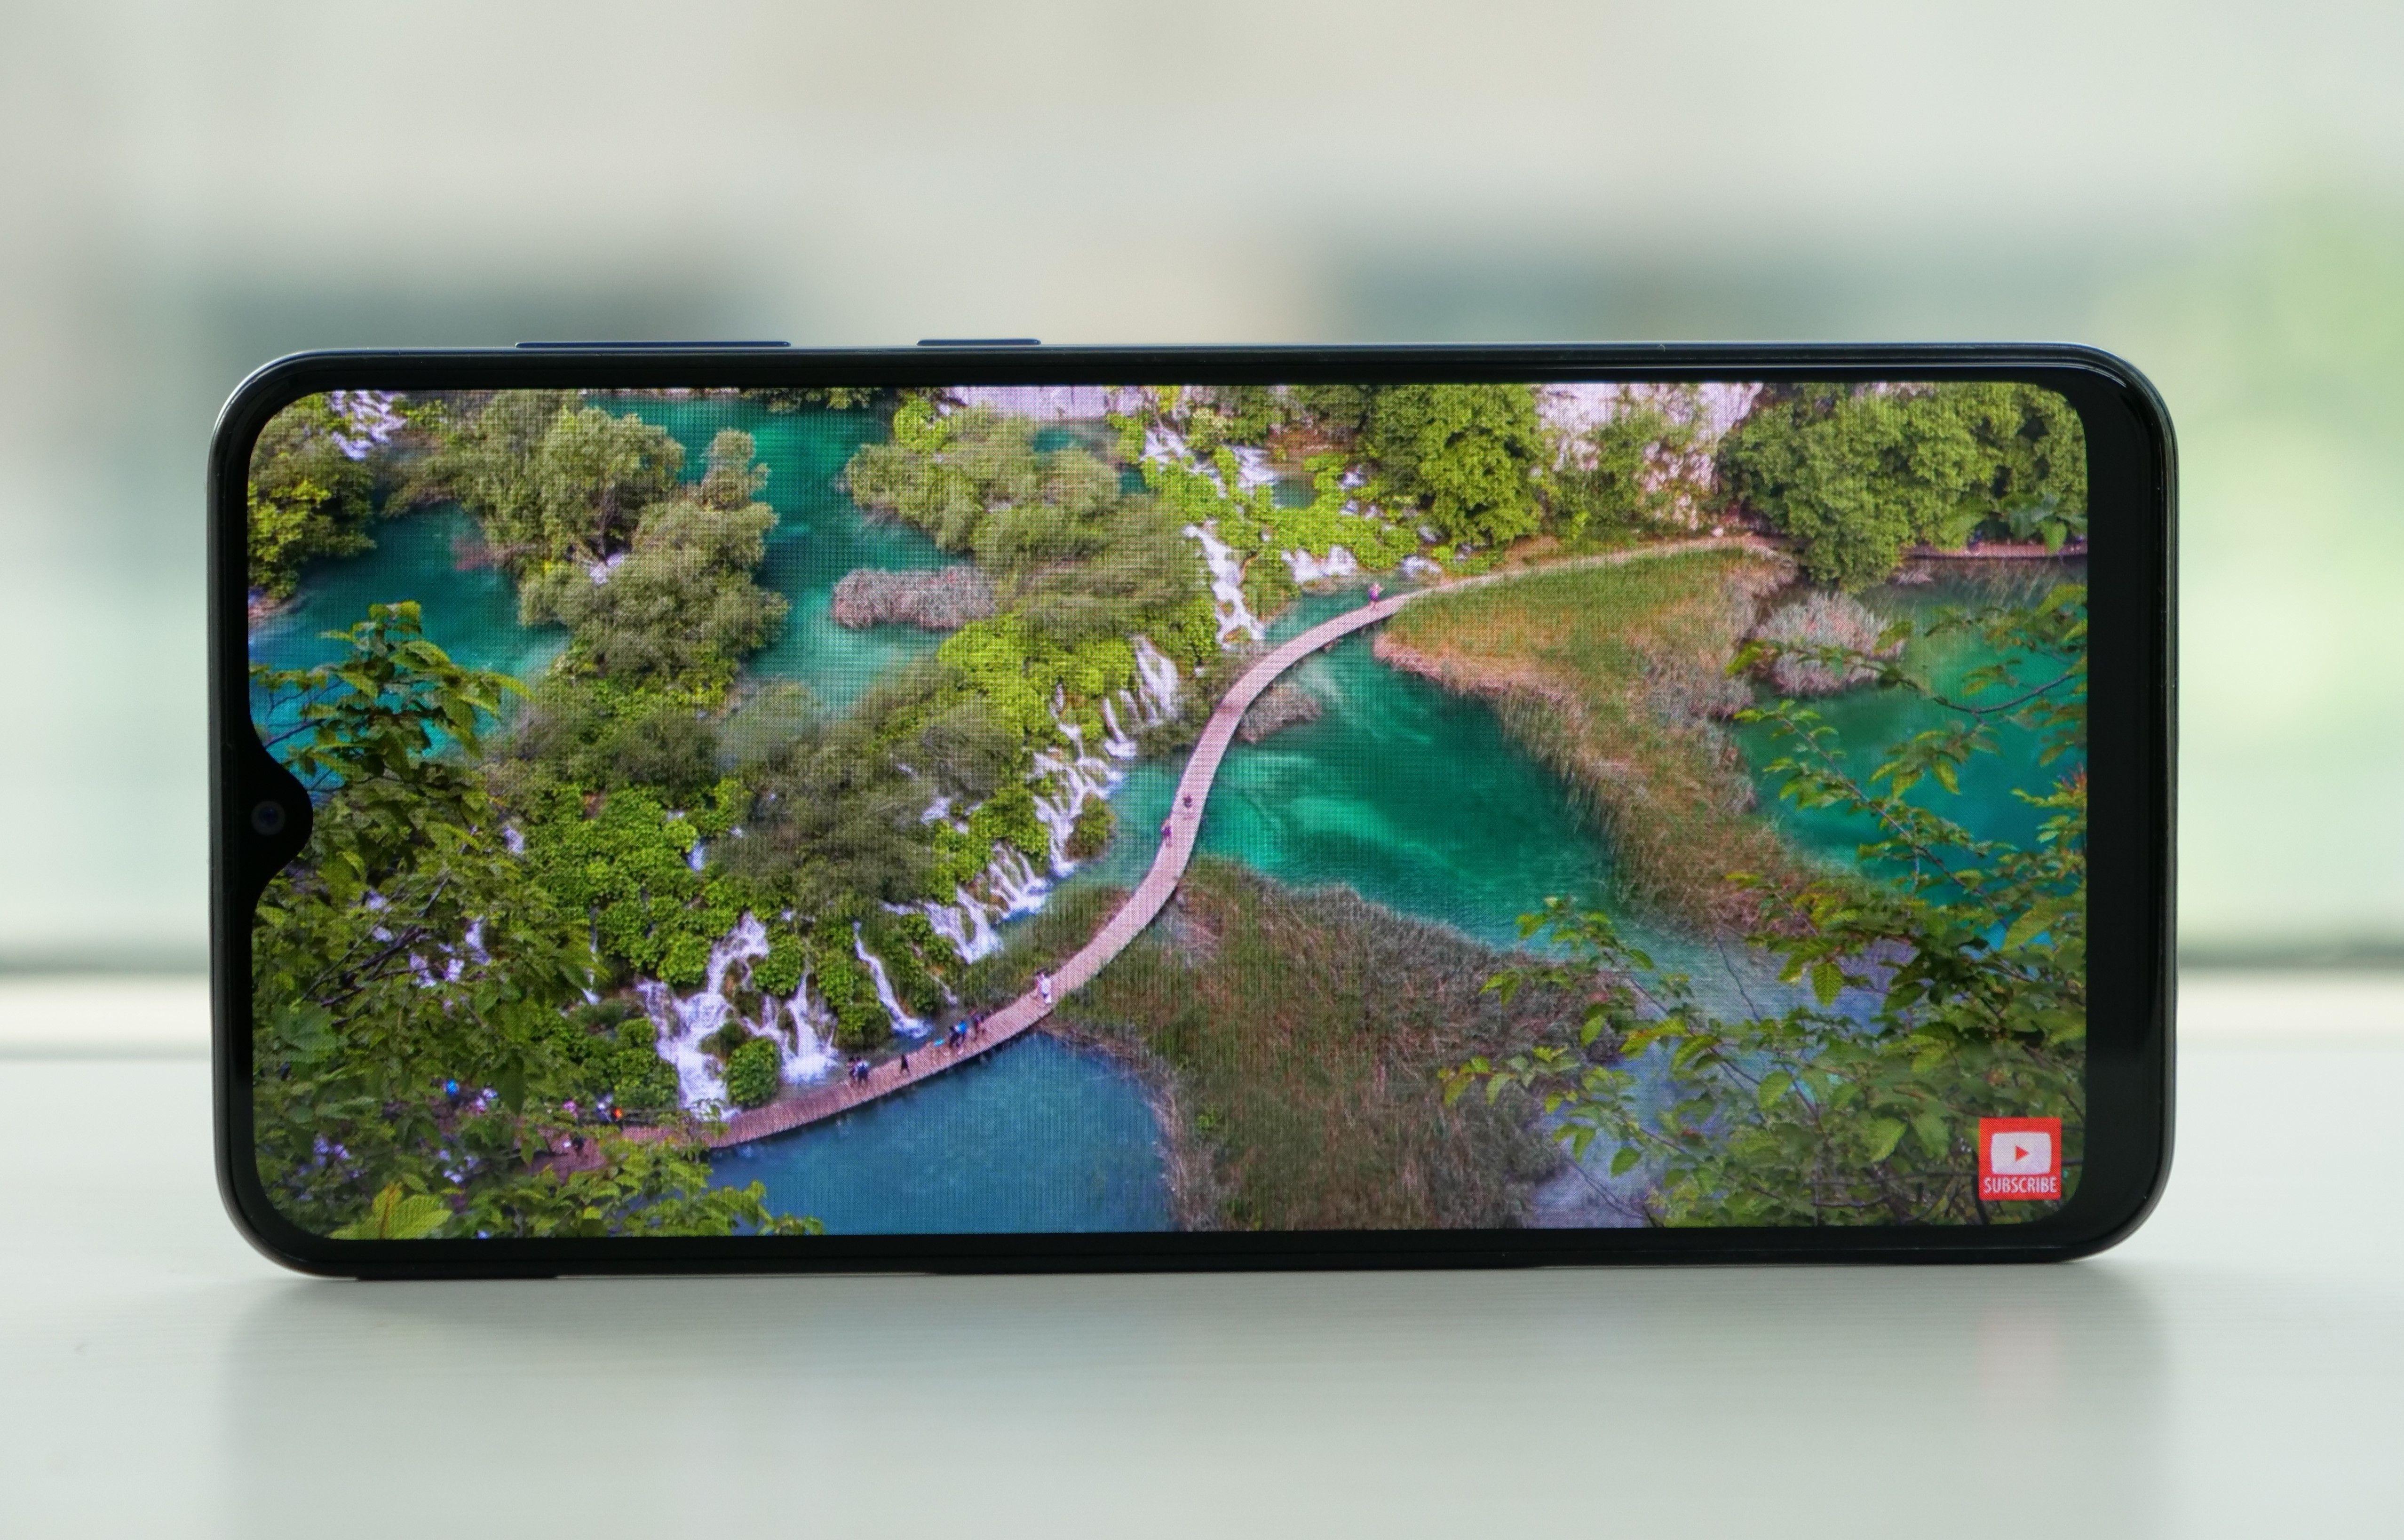 Galaxy A20 Display